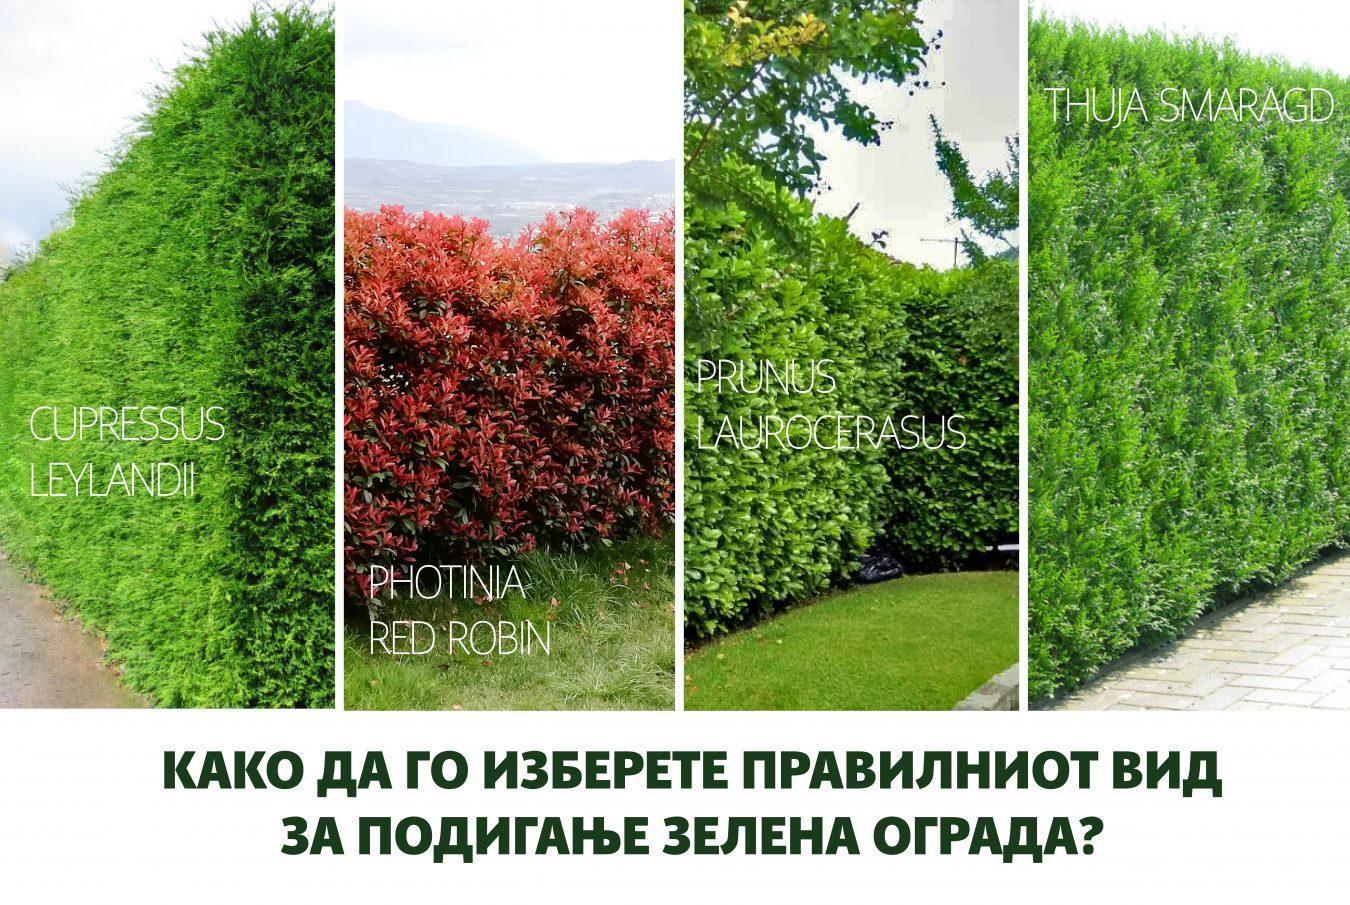 Зелена ограда